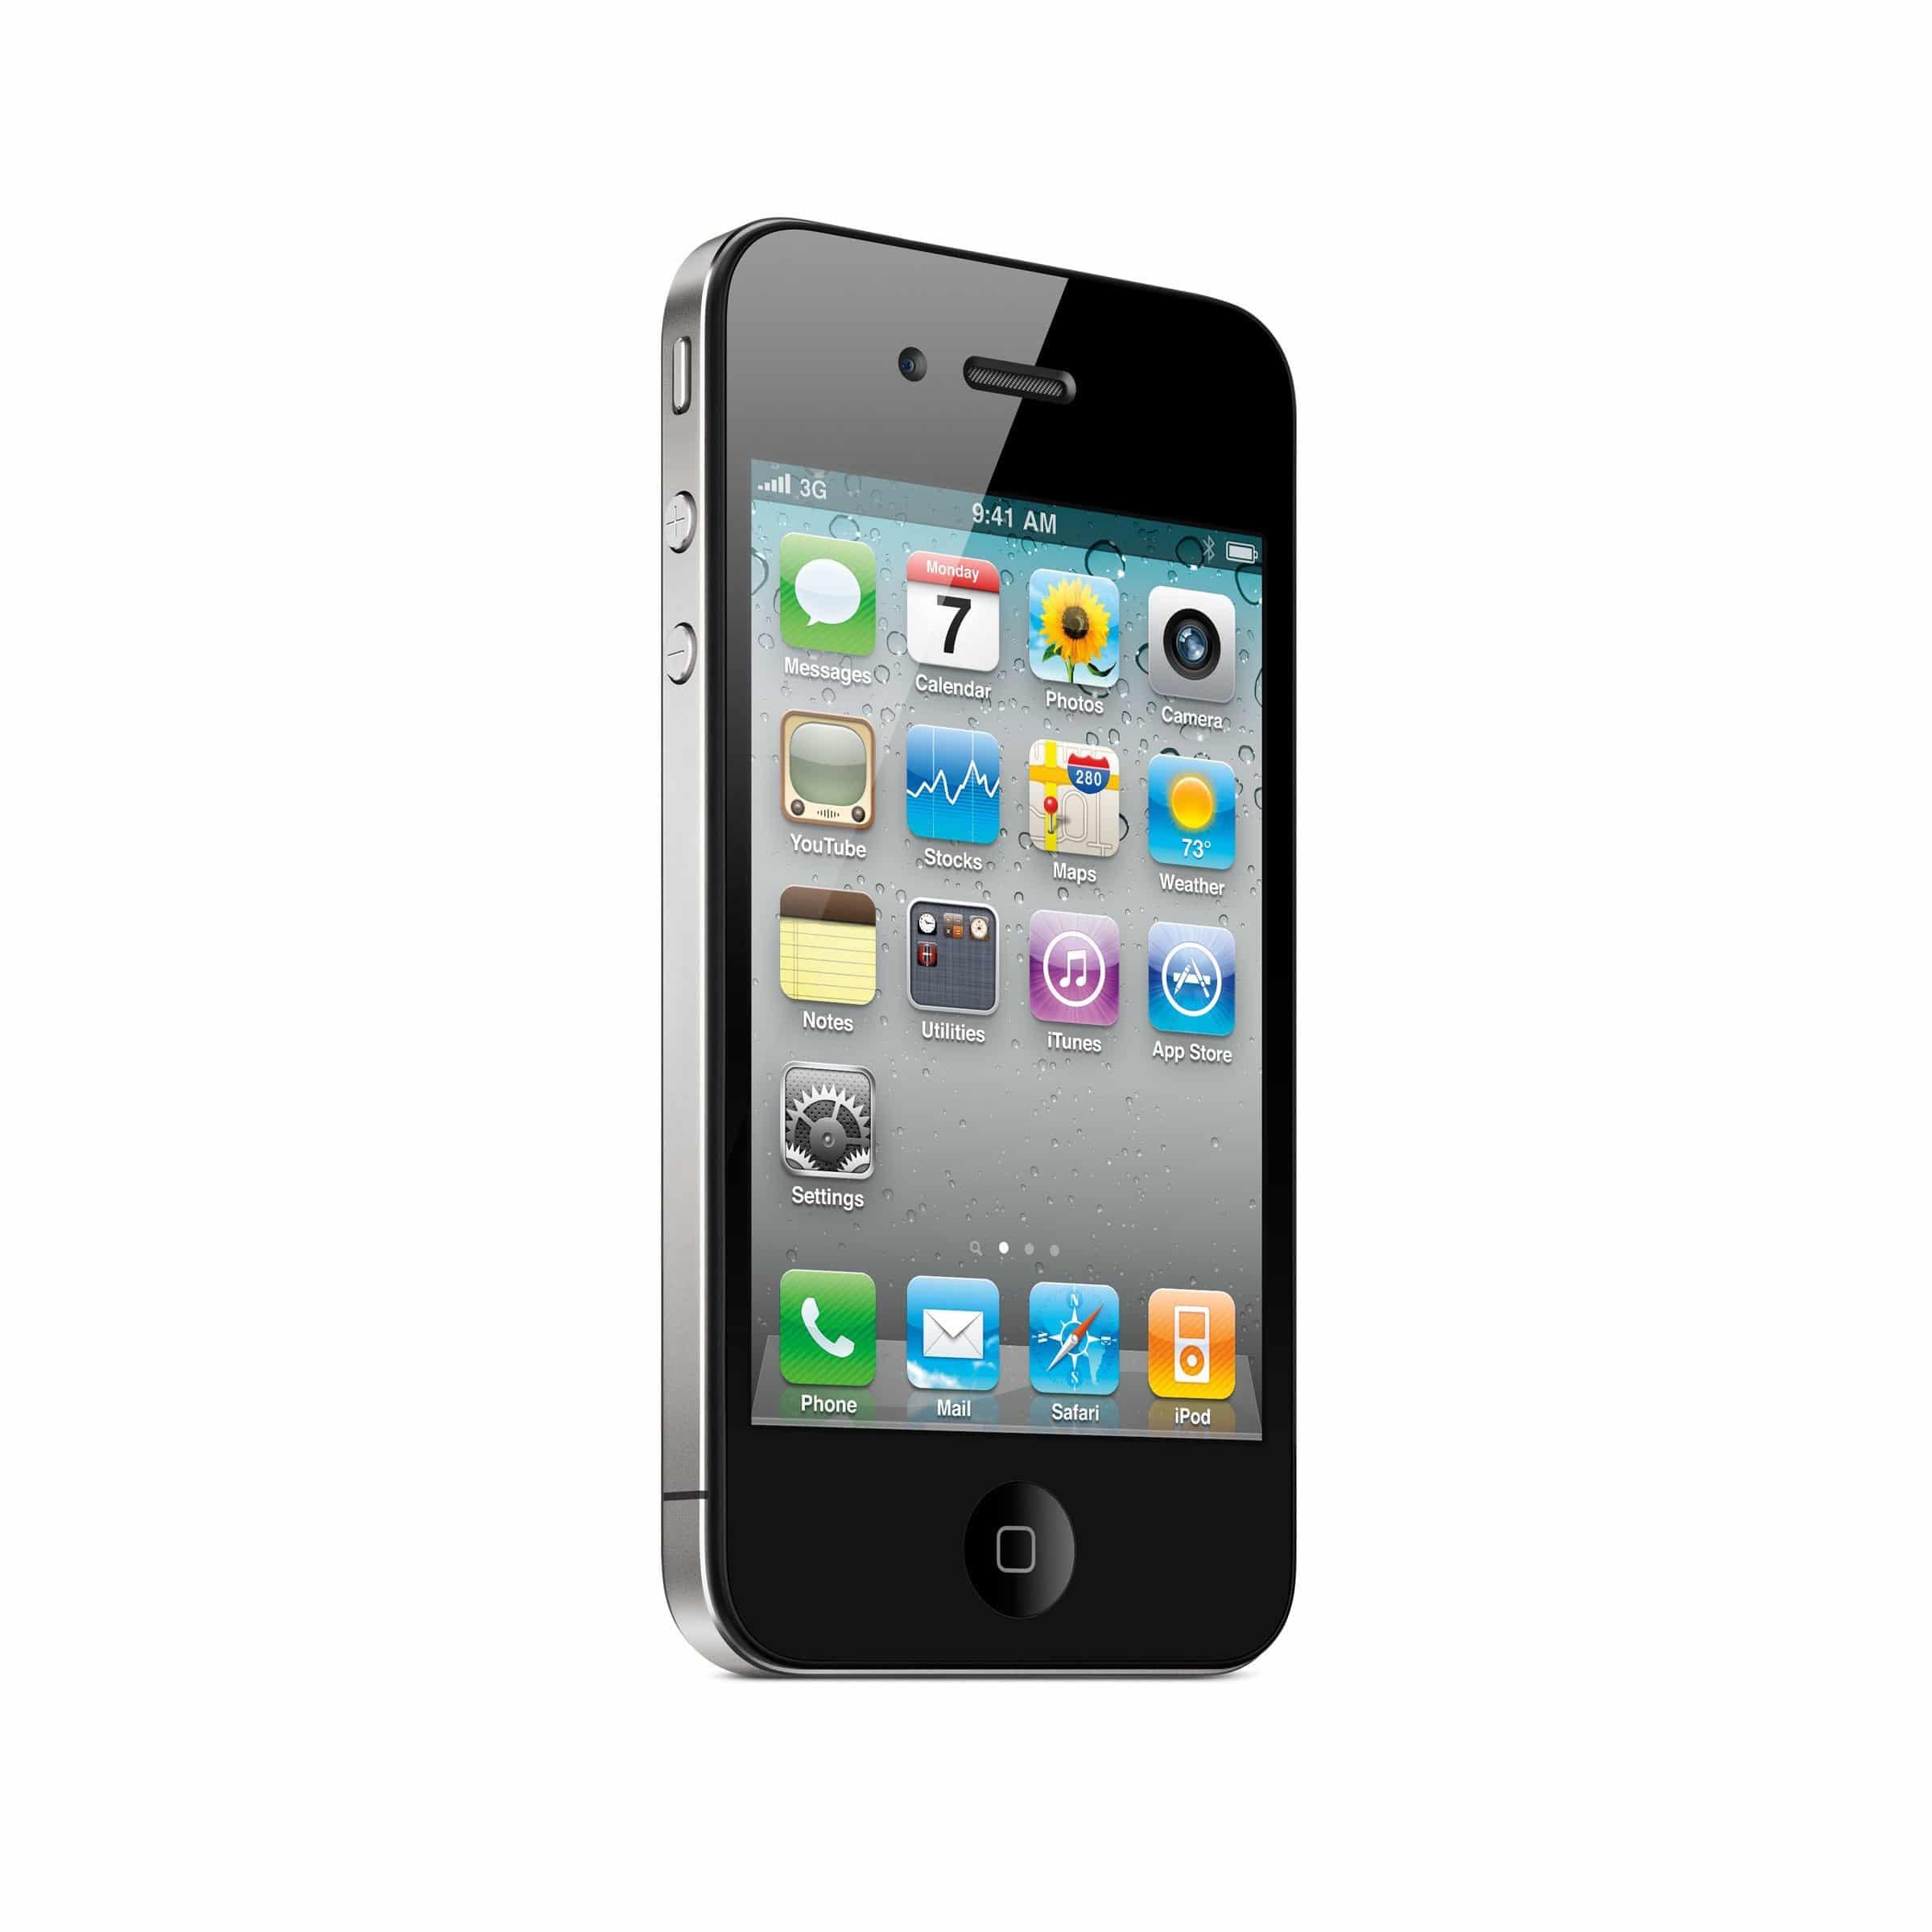 Support für iPhone 4 und weitere Produkte endet Mitte September